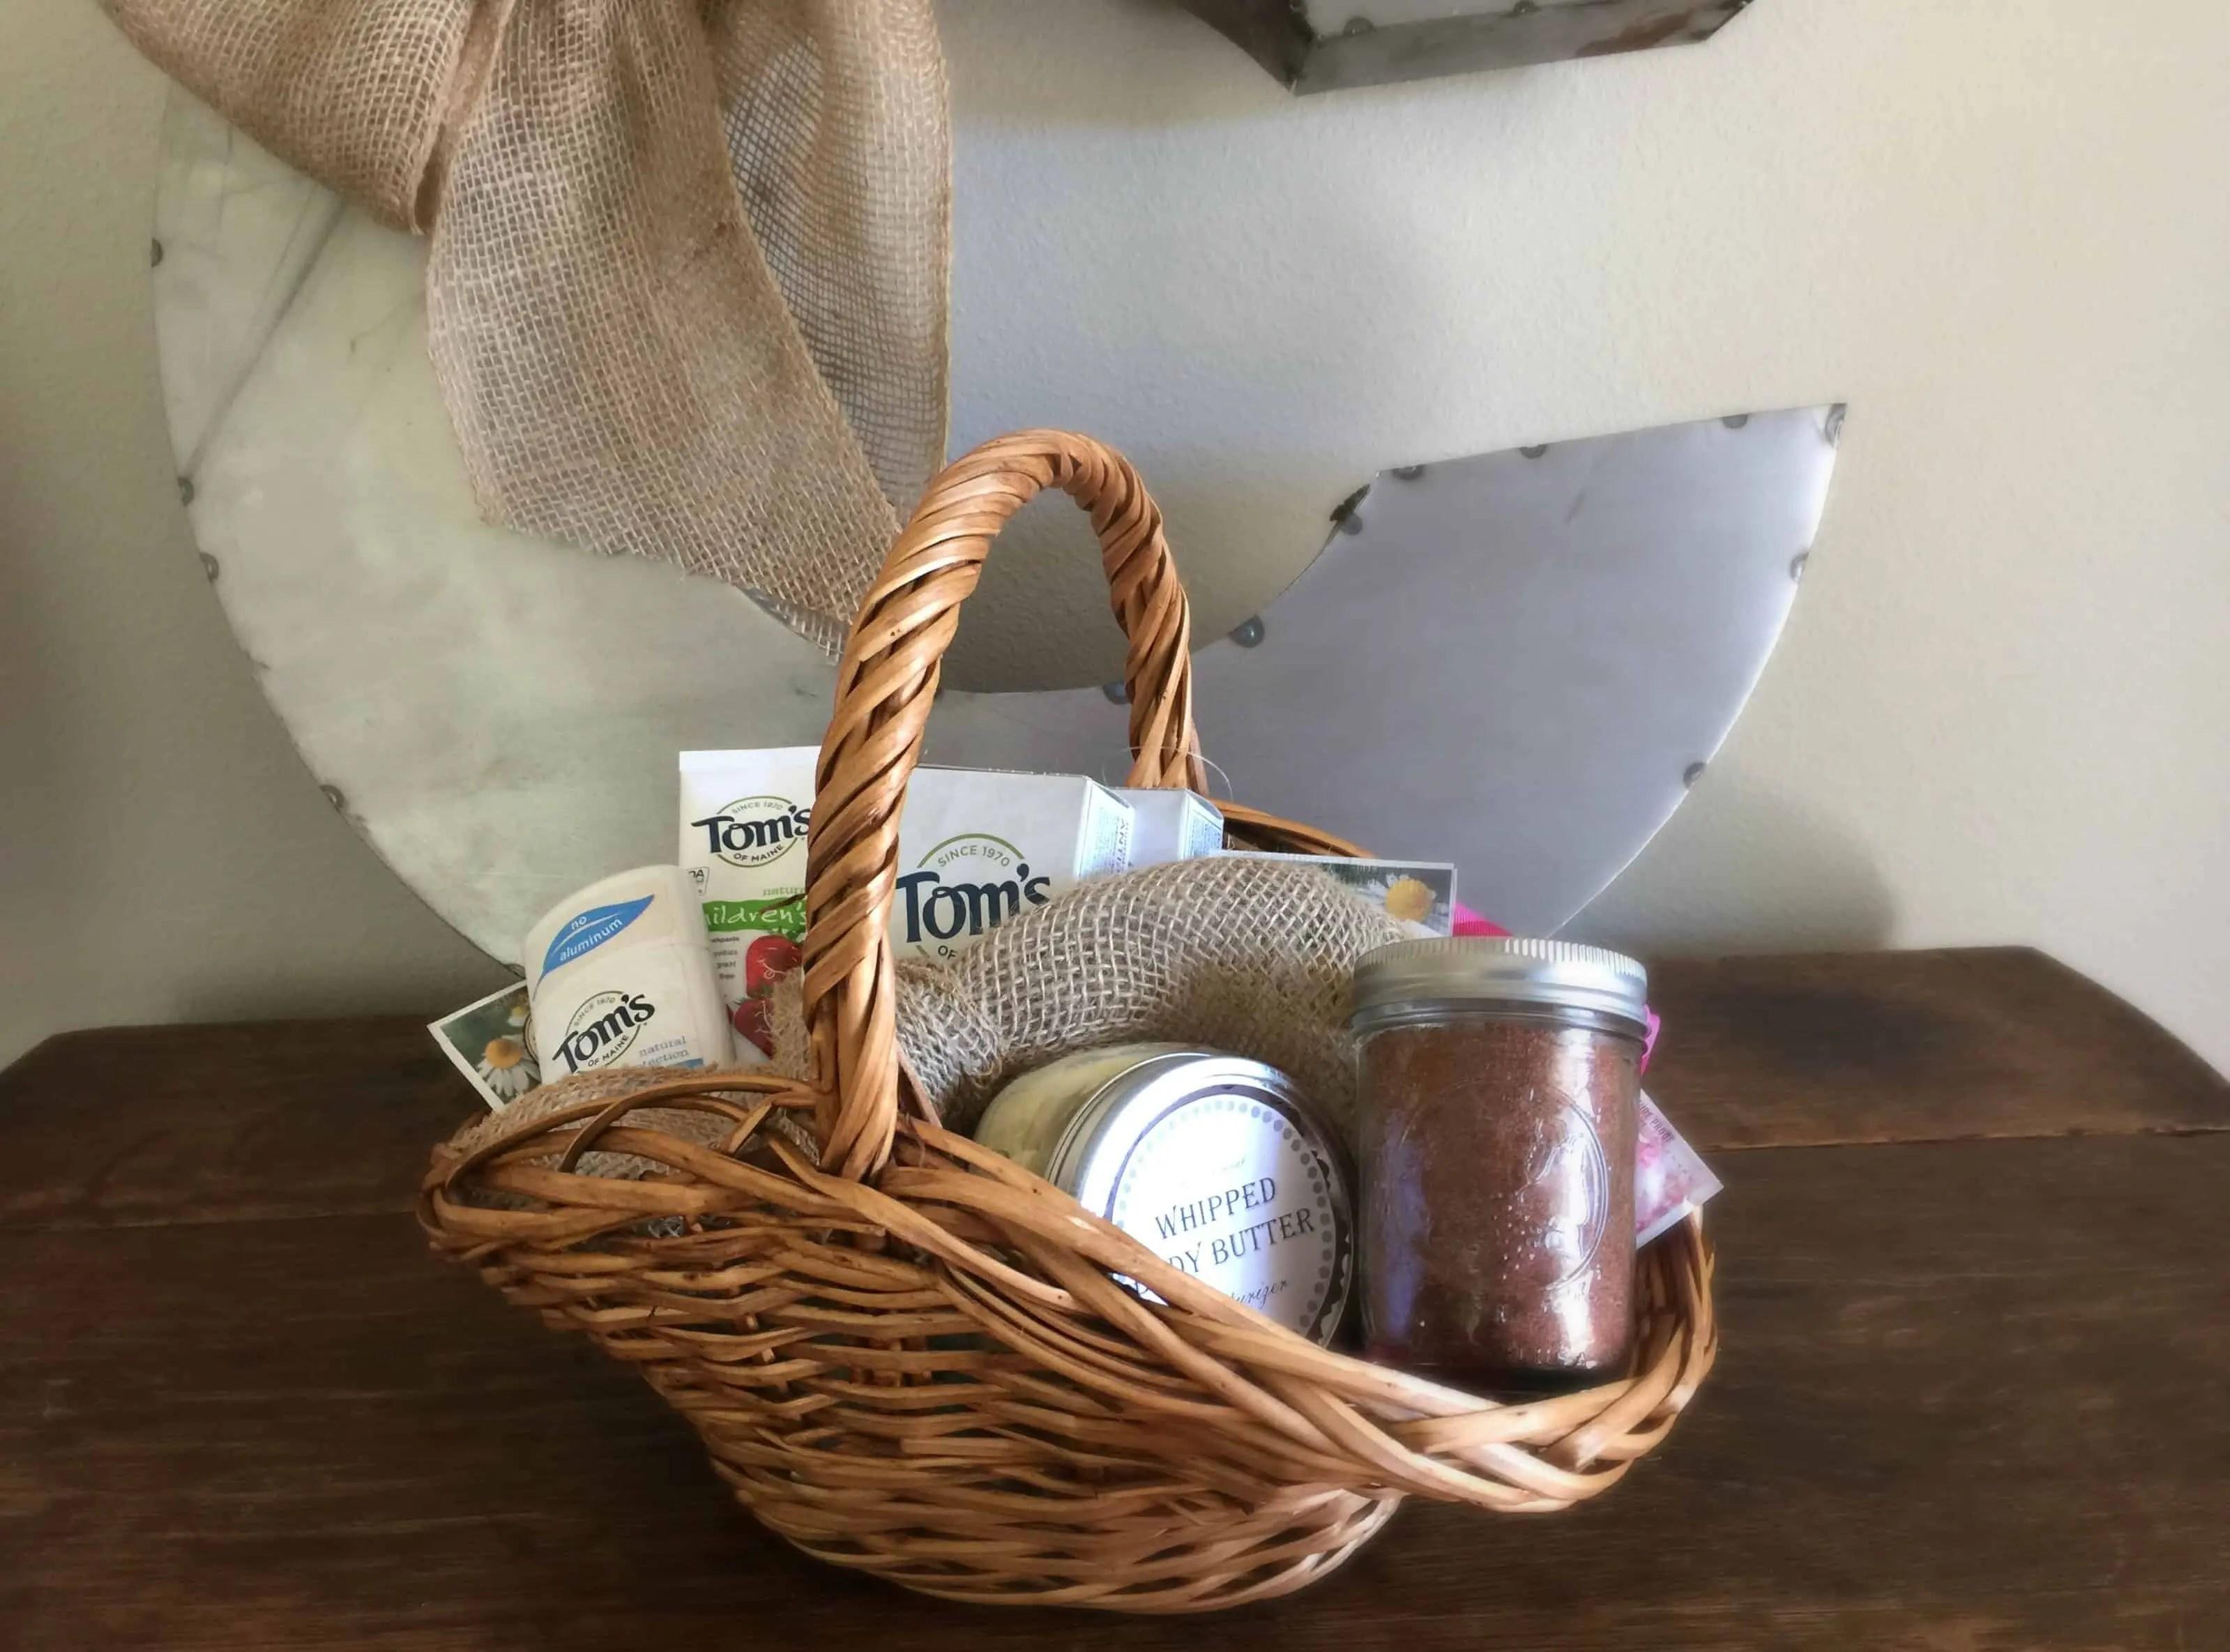 Spice Rub Gift Basket